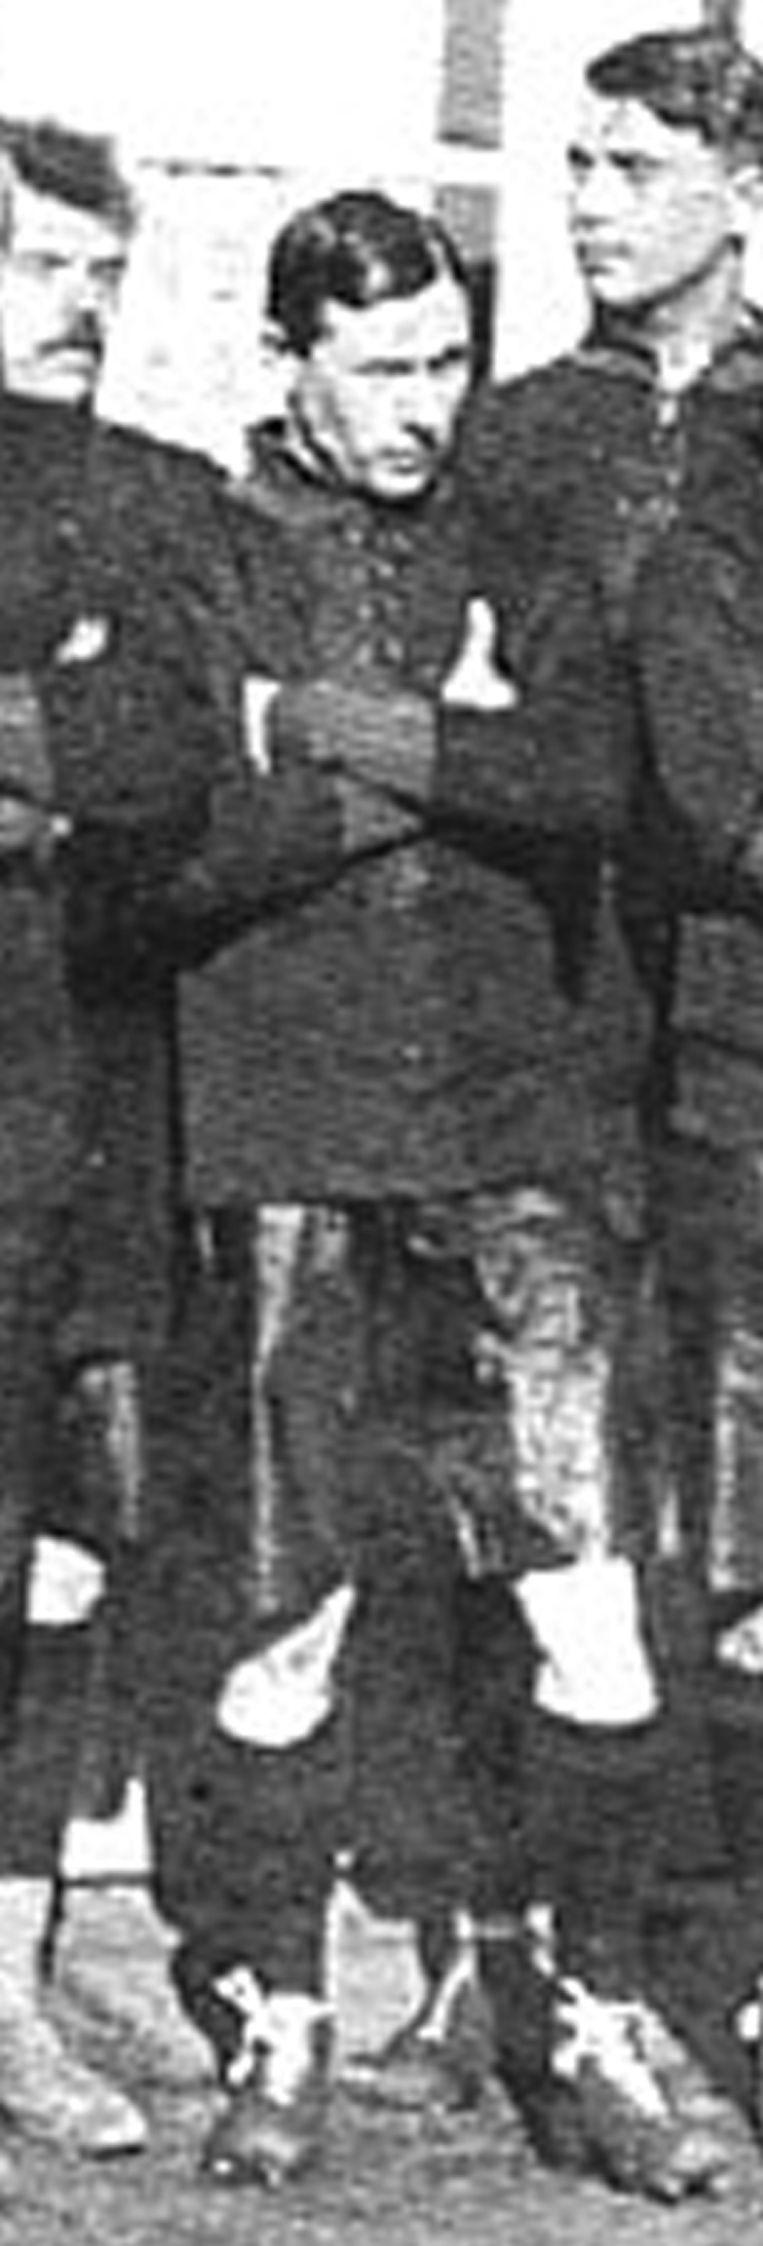 België wint met 0-3 in Duitsland. De eerste zege voor de nationale ploeg op Duitse bodem. Louis Saeys maakte deel uit van de rode duivels die op 16 mei 1910 gingen winnen in Duitsland.